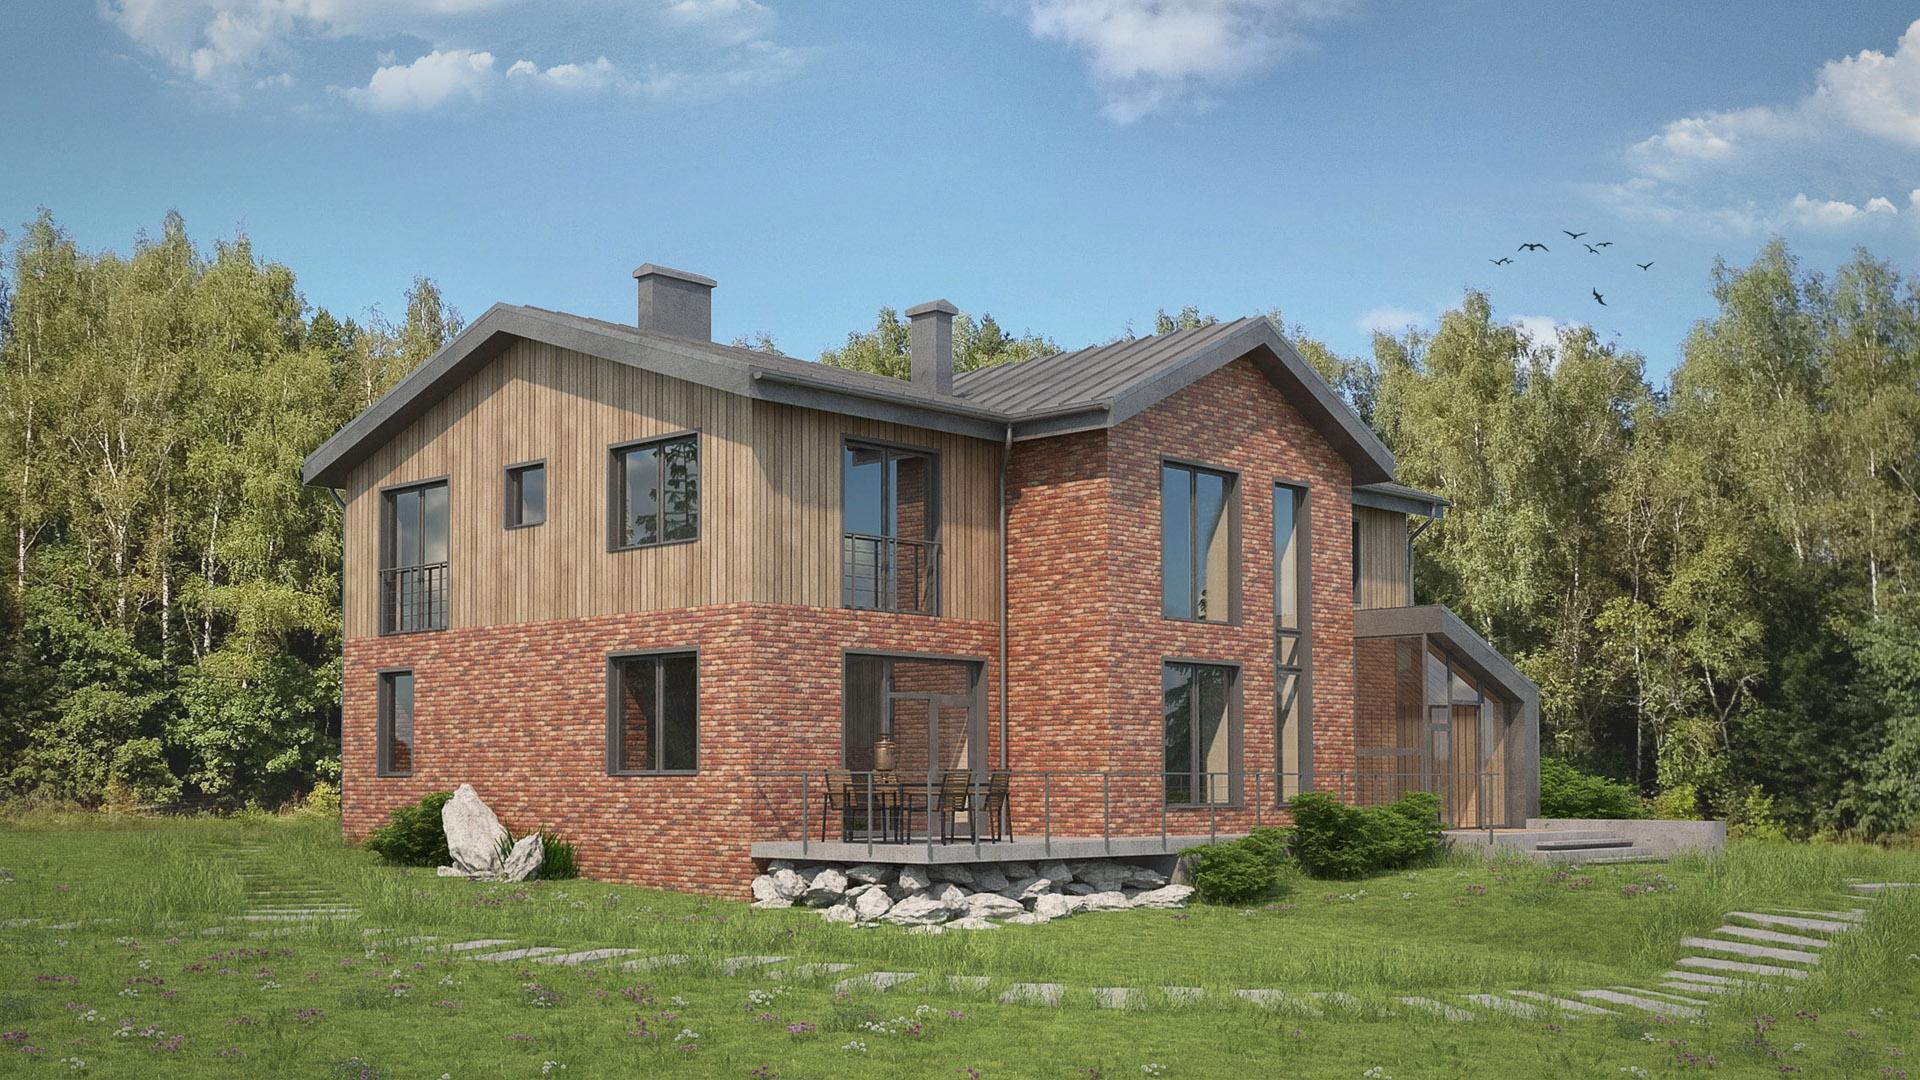 Изображение для проекта Современное поместье для большой семьи 2165